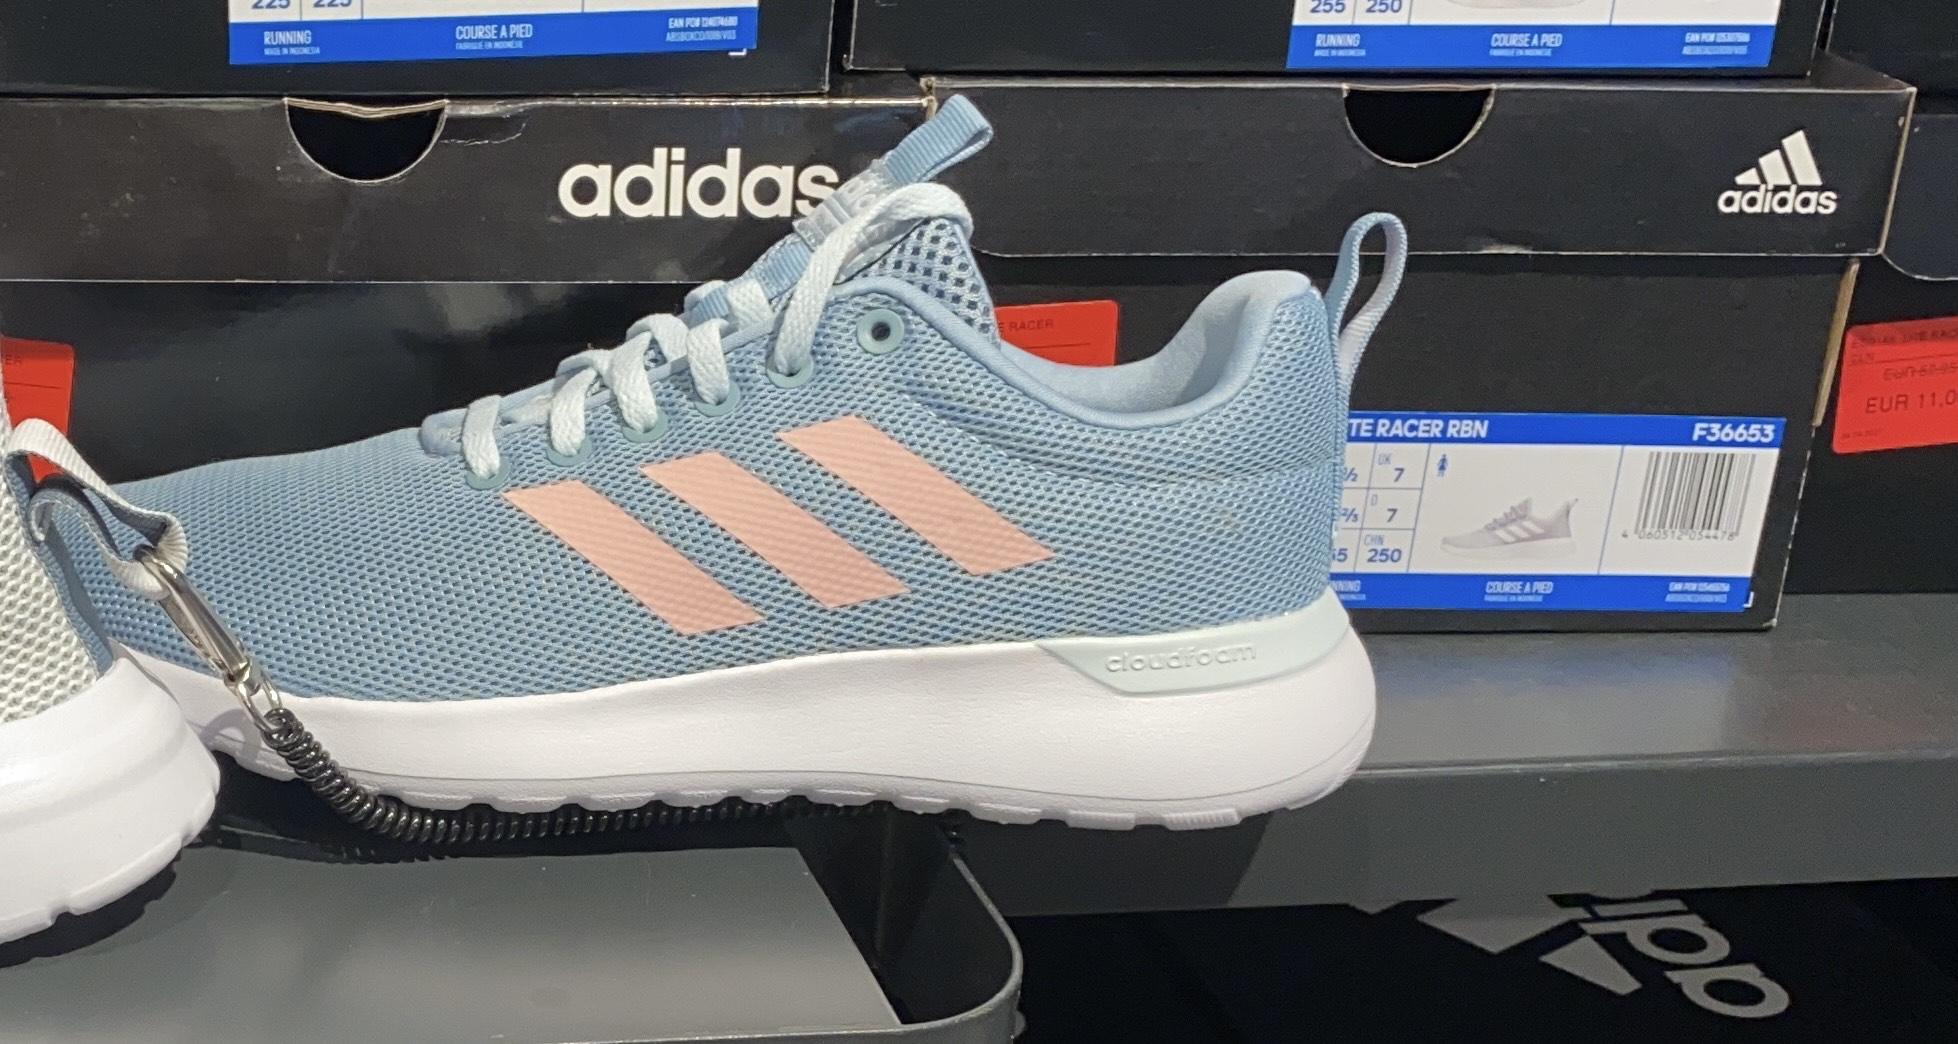 Zapatillas de deporte Adidas en la tienda Adidas del área sur de jerez